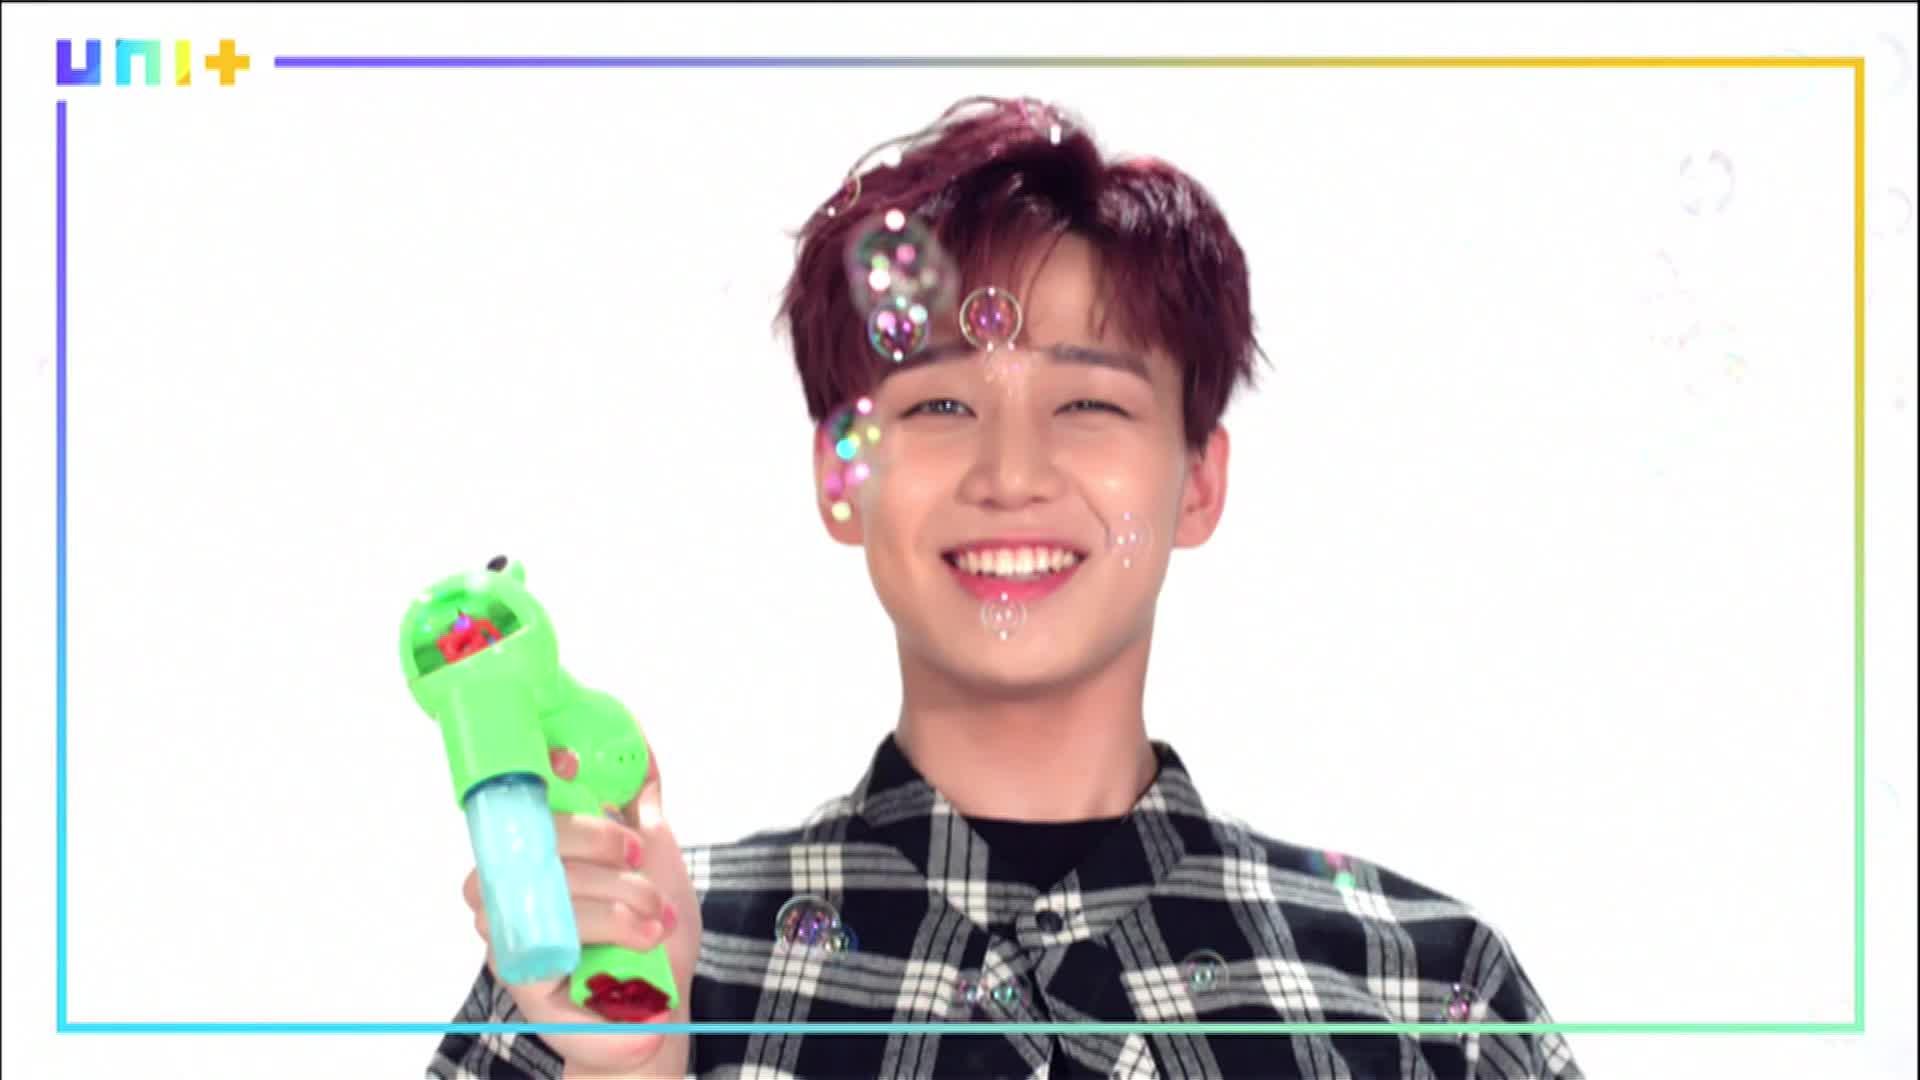 [더 유닛] 슈퍼슬로우 개인별 티저 01 (The Unit - Superslow individual teaser 01)